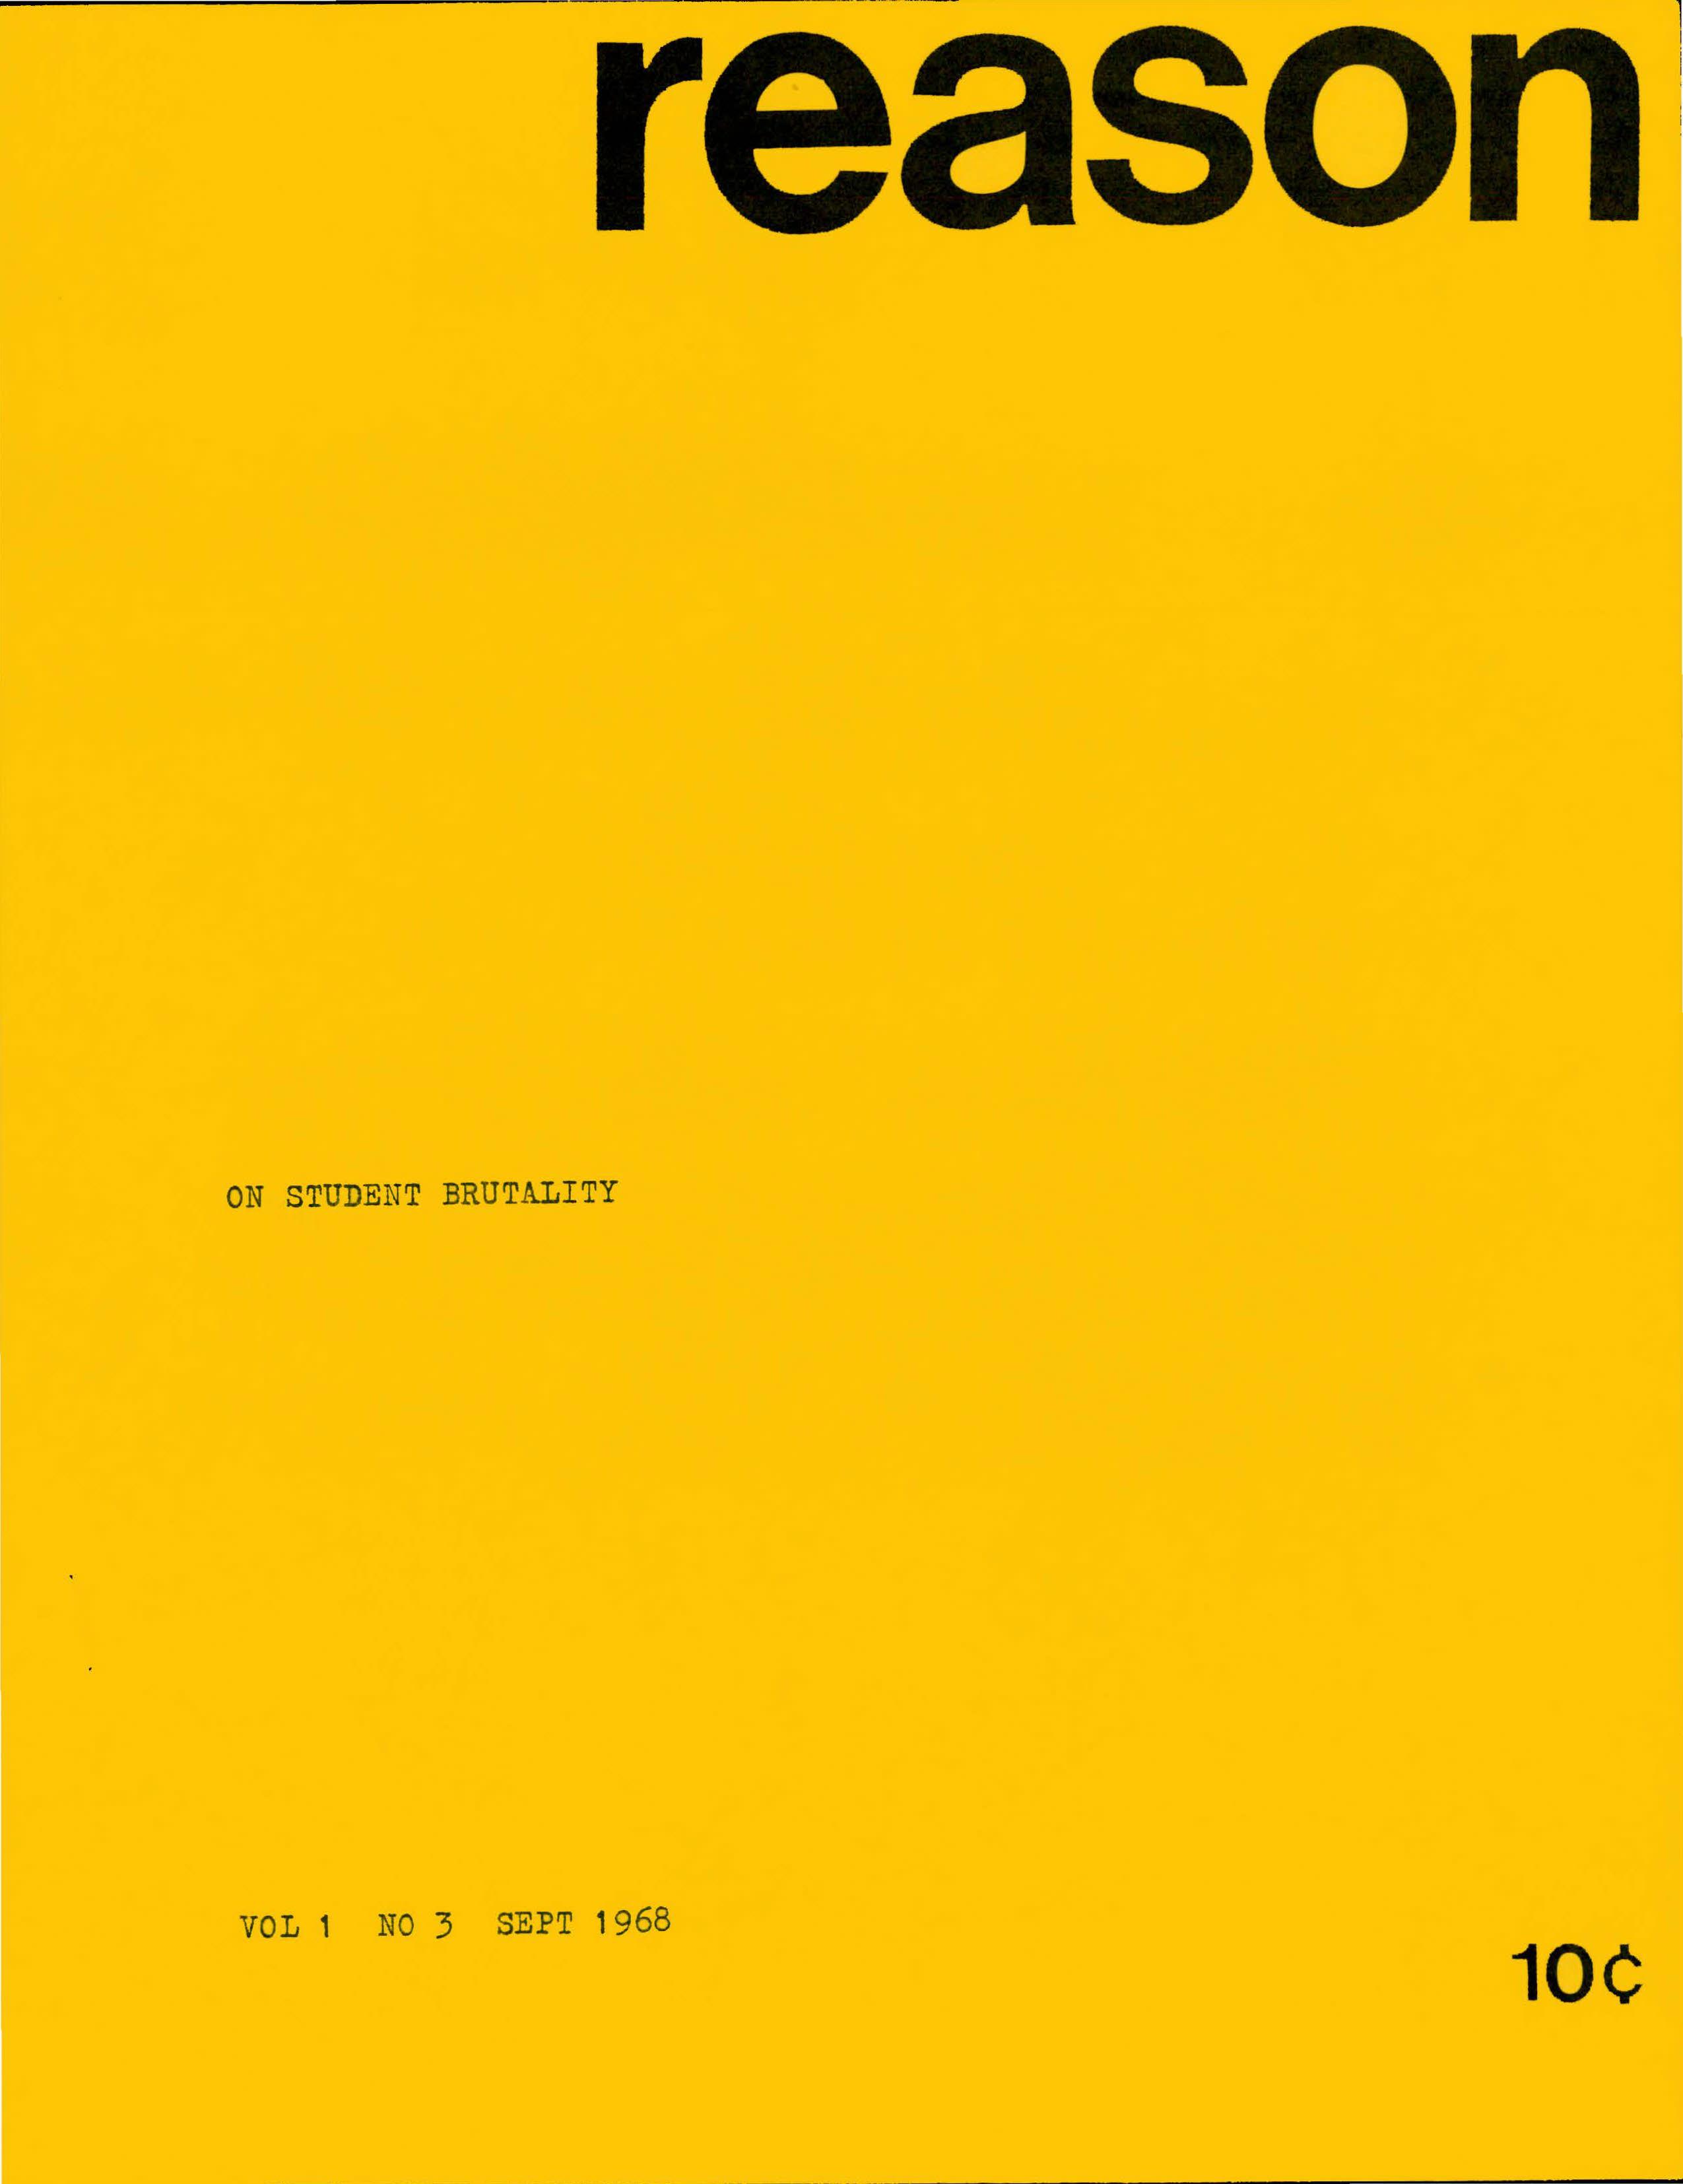 Reason Magazine, September 1968 cover image